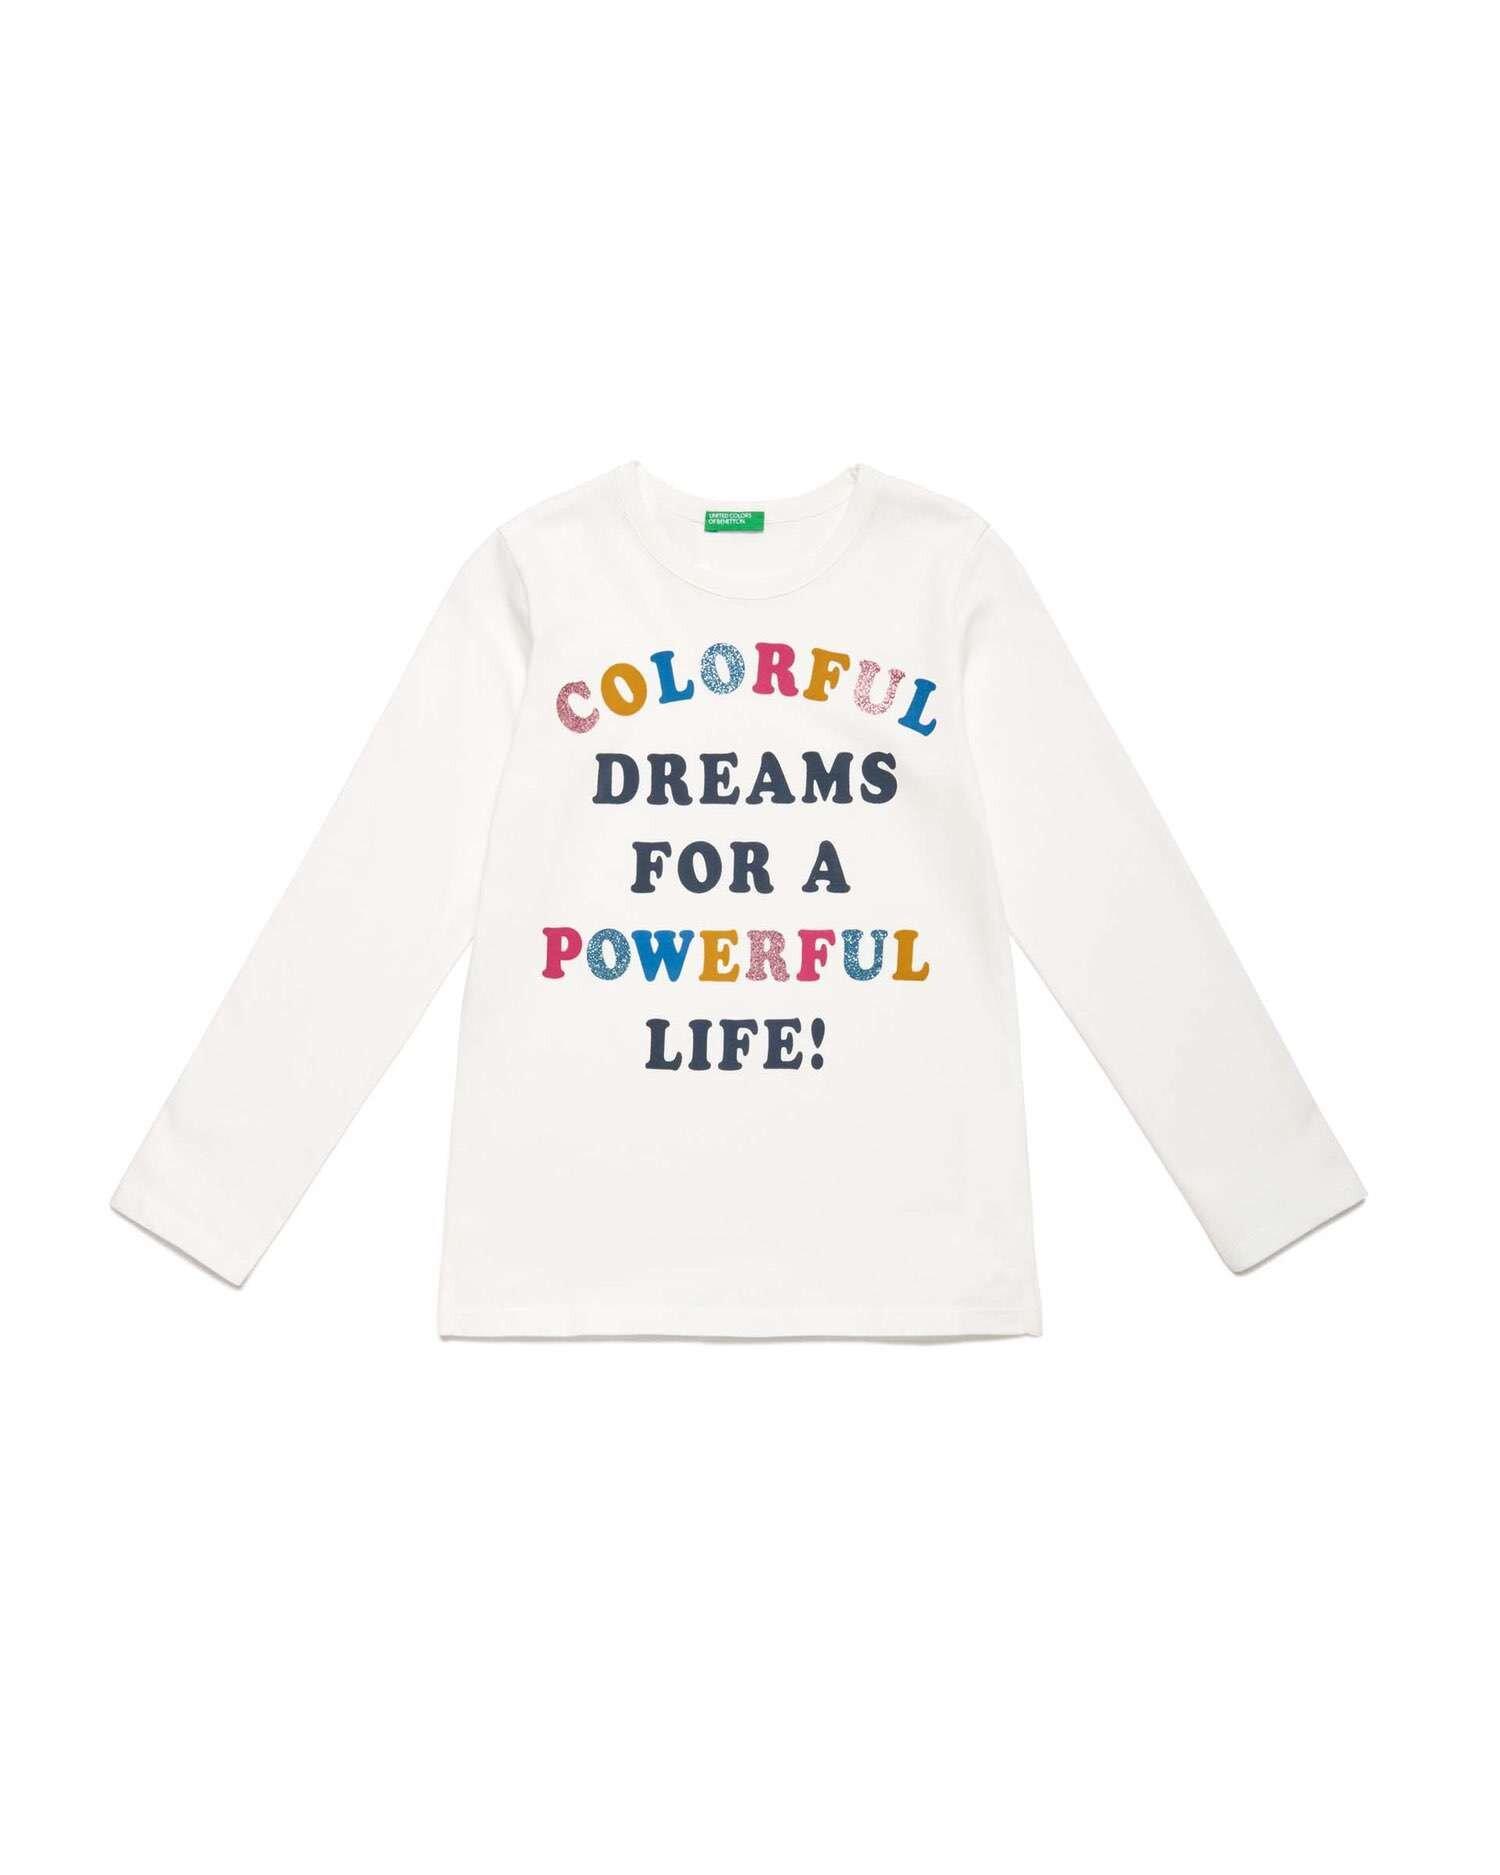 Colorful Sloganlı Tshirt